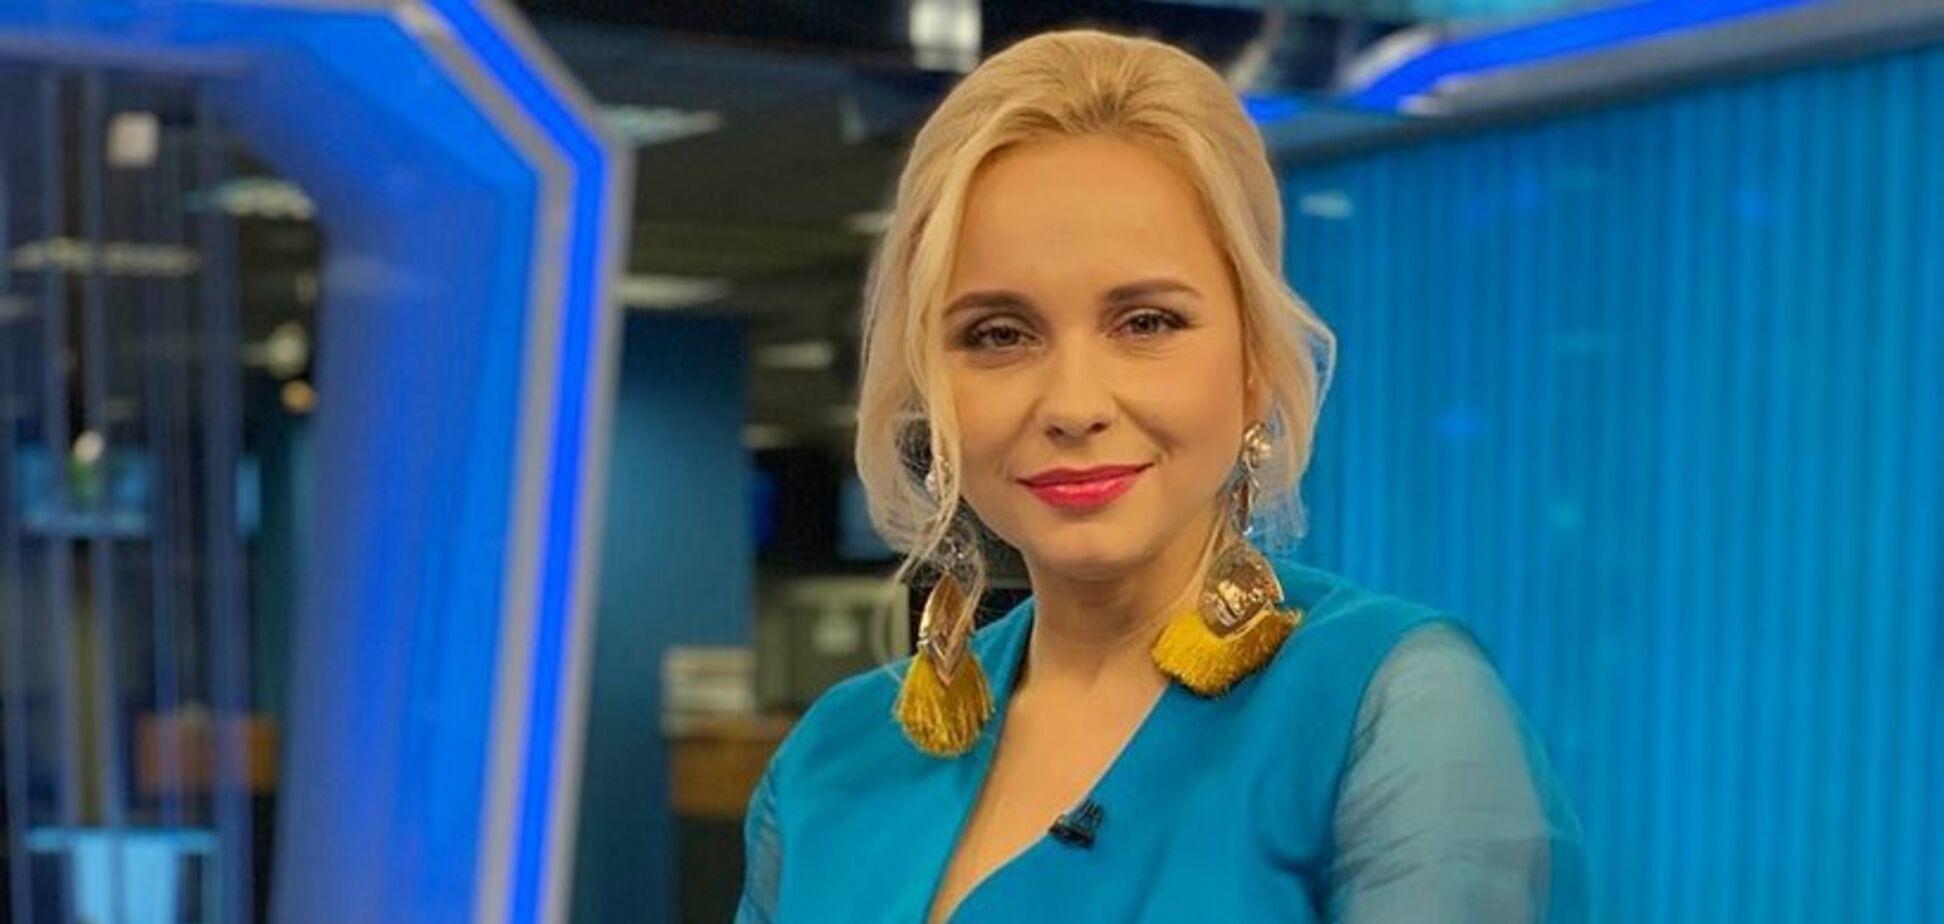 'Сексуальная': украинская телеведущая сверкнула большой грудью в купальнике